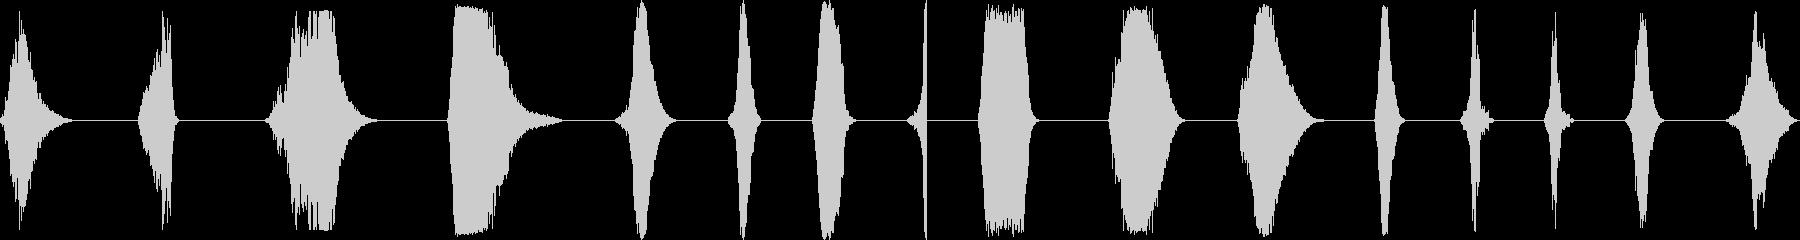 ノイズスイープ、16バージョン。 ...の未再生の波形